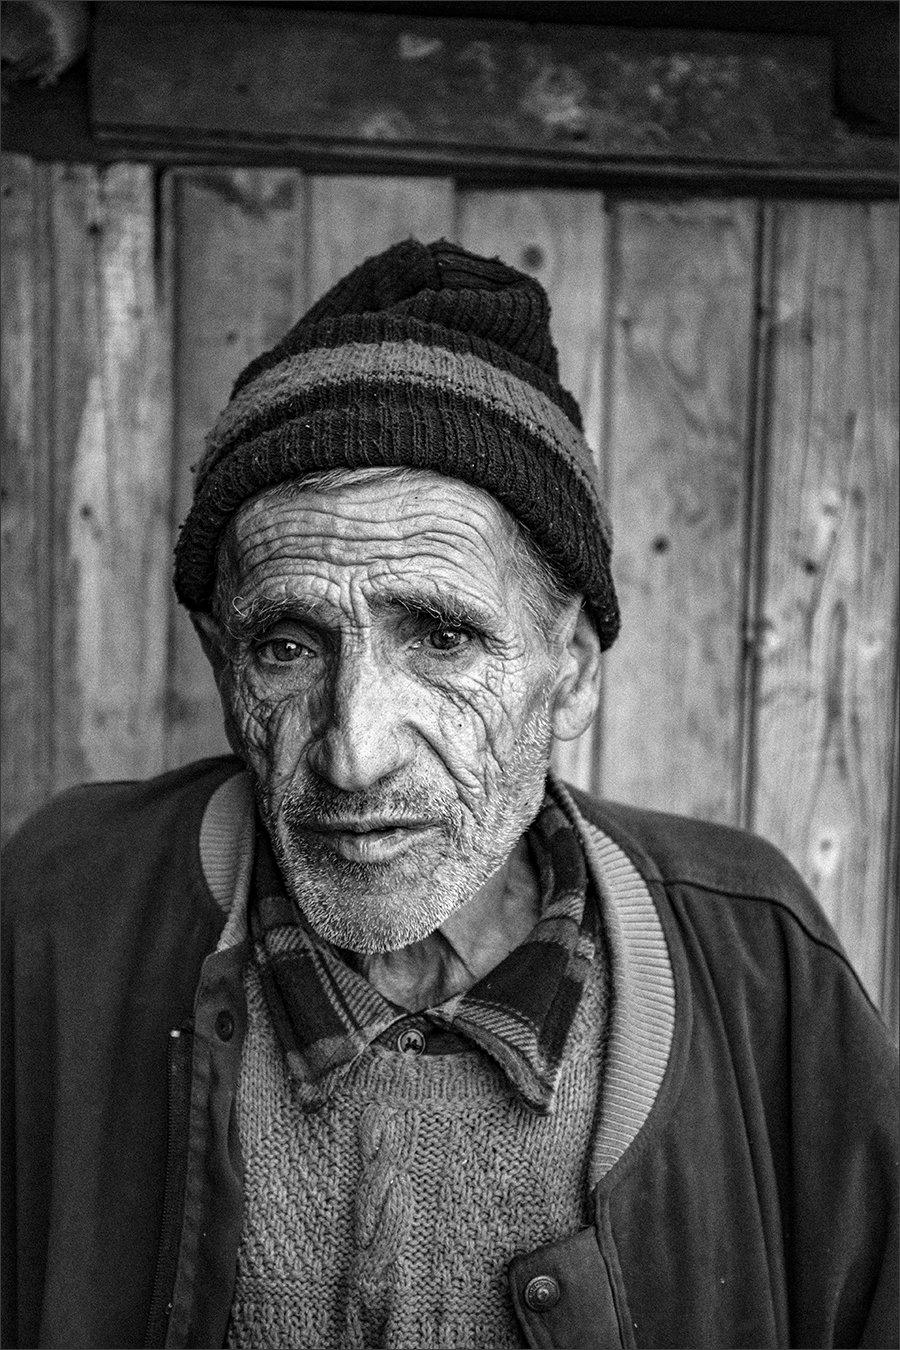 Родопы, portrait, Denis Buchel (Денис Бучель)